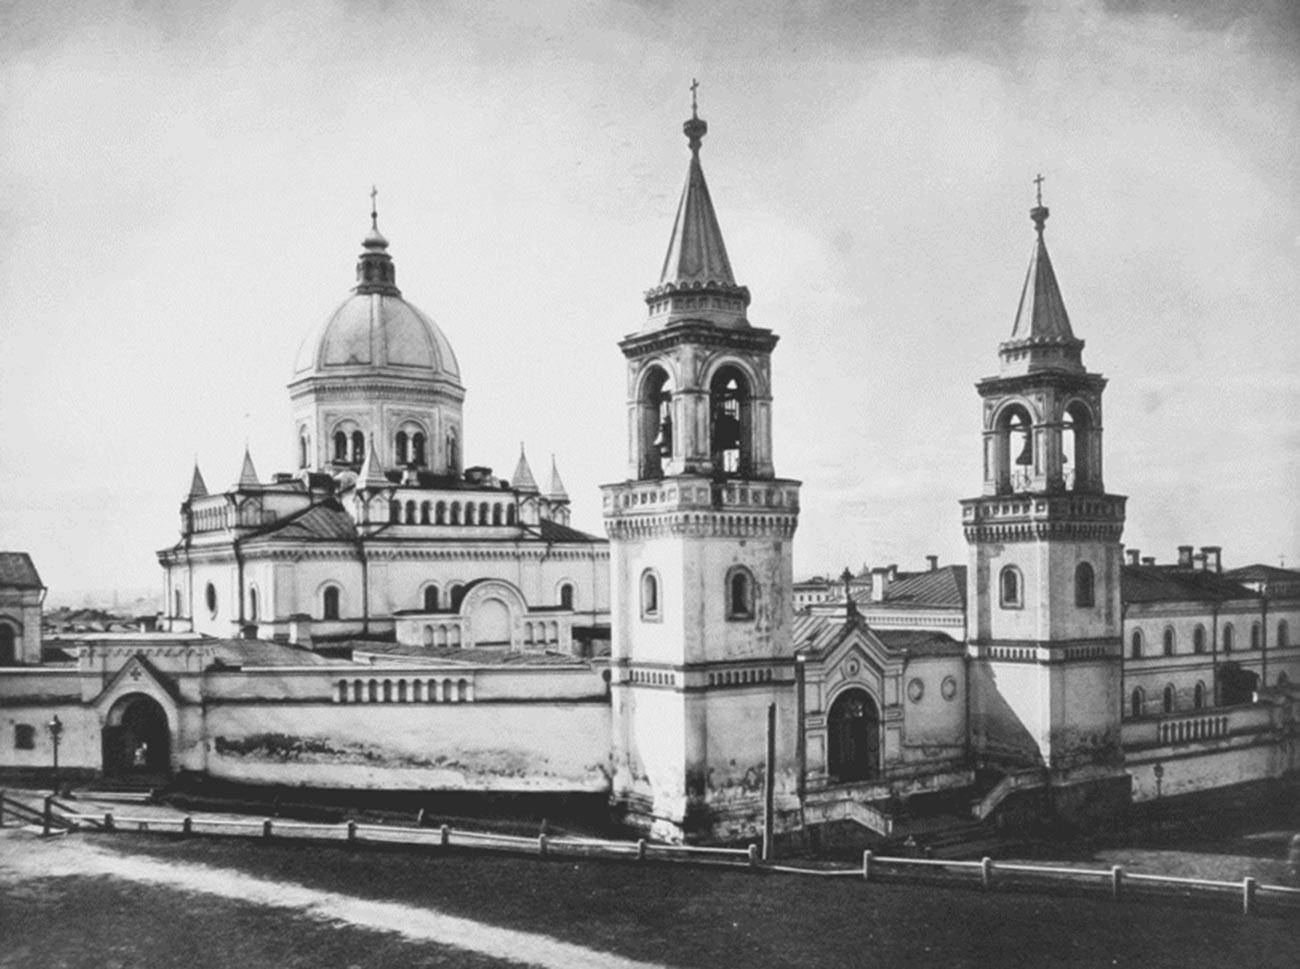 El monasterio Ivanovski, donde el marido de Sofía fue retenido en un campo de concentración temporal en los años 20.